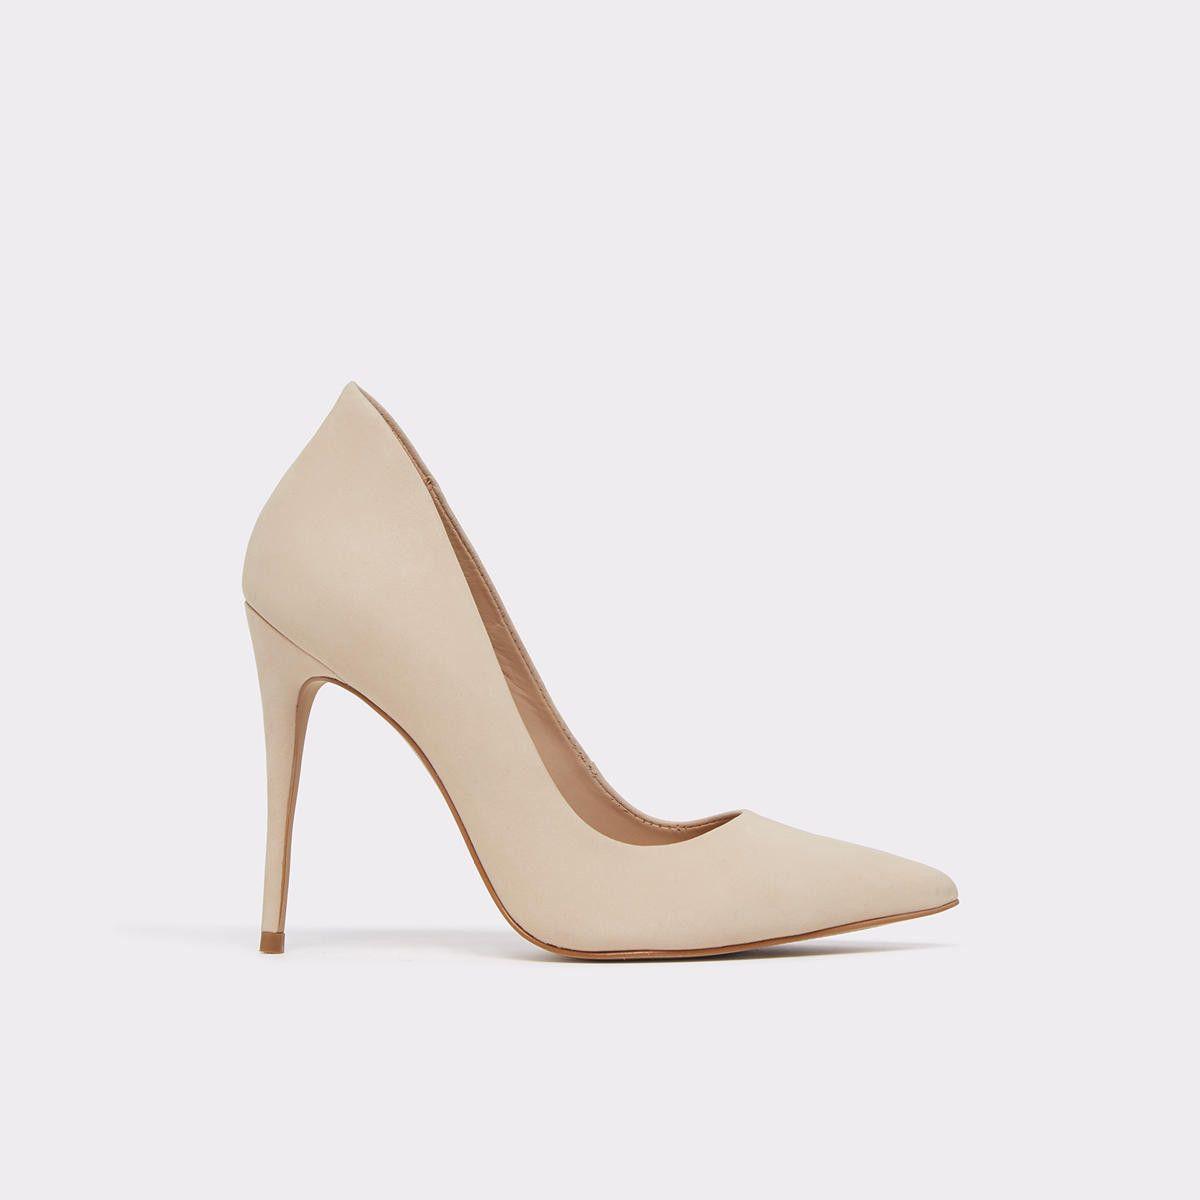 Heels, Women's pumps, Aldo shoes